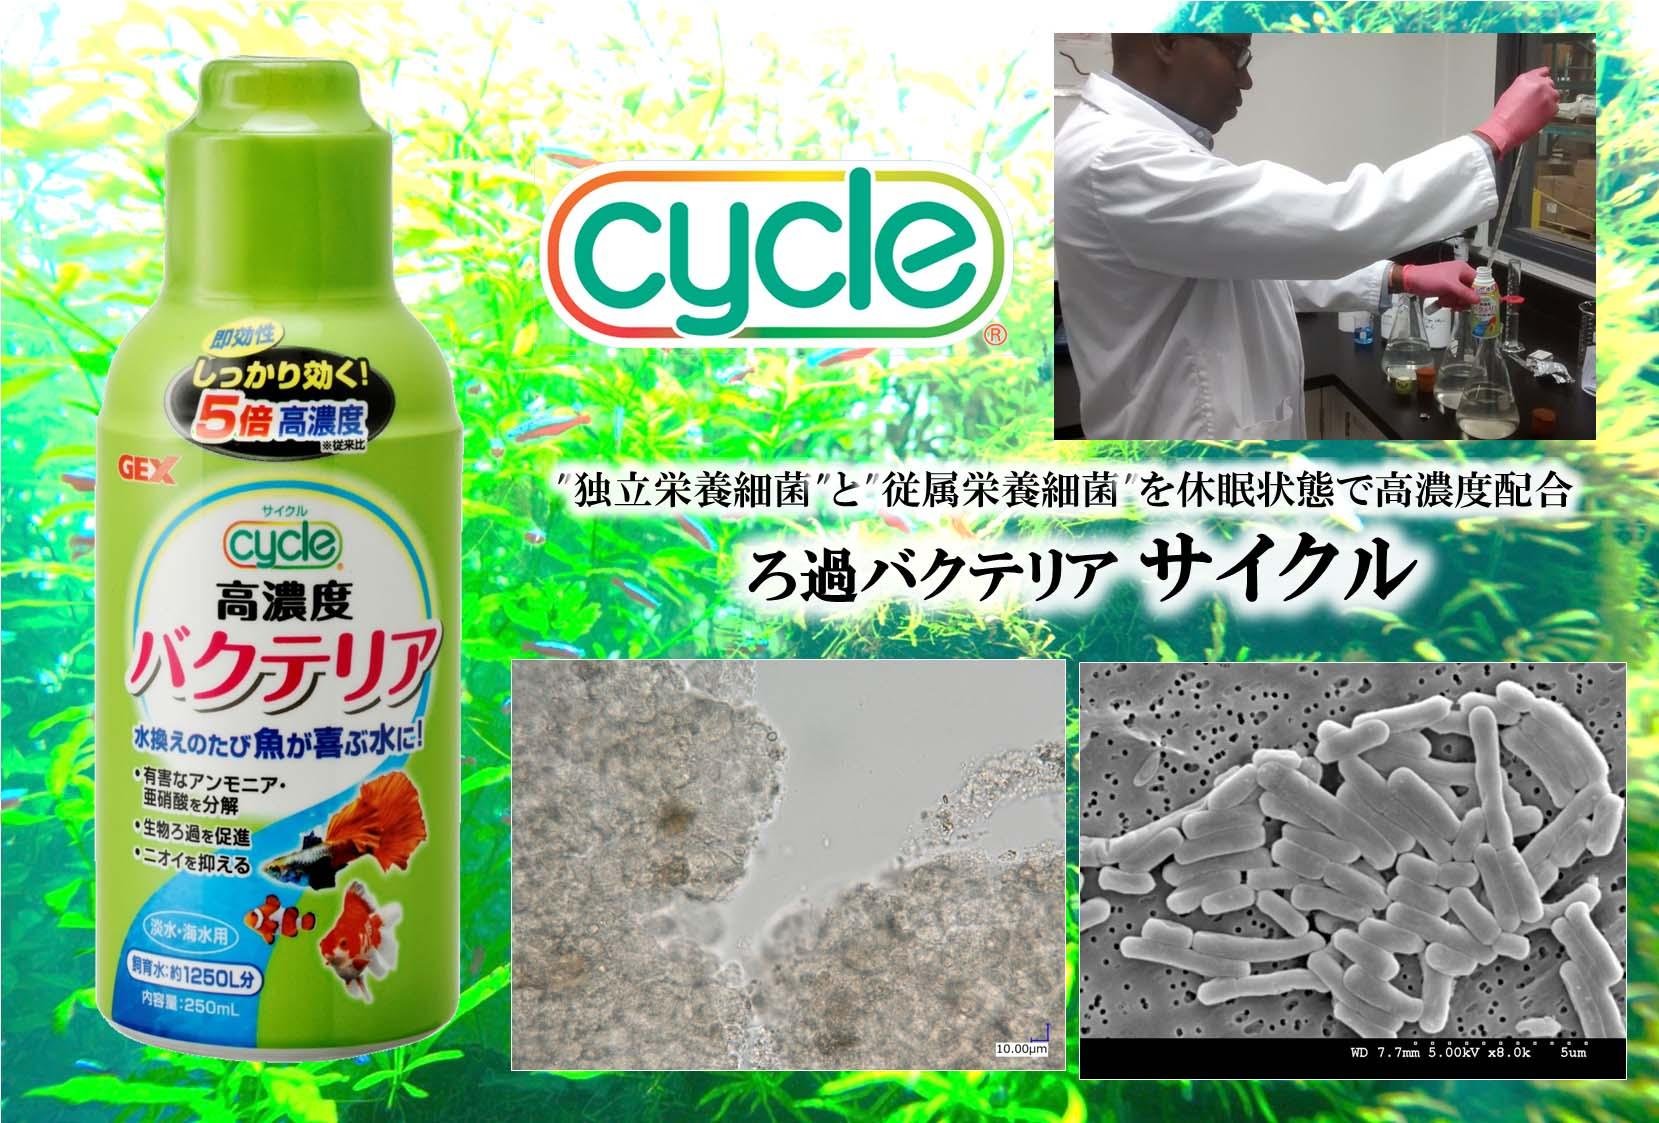 ろ過バクテリア『サイクル』研究施設のレポート